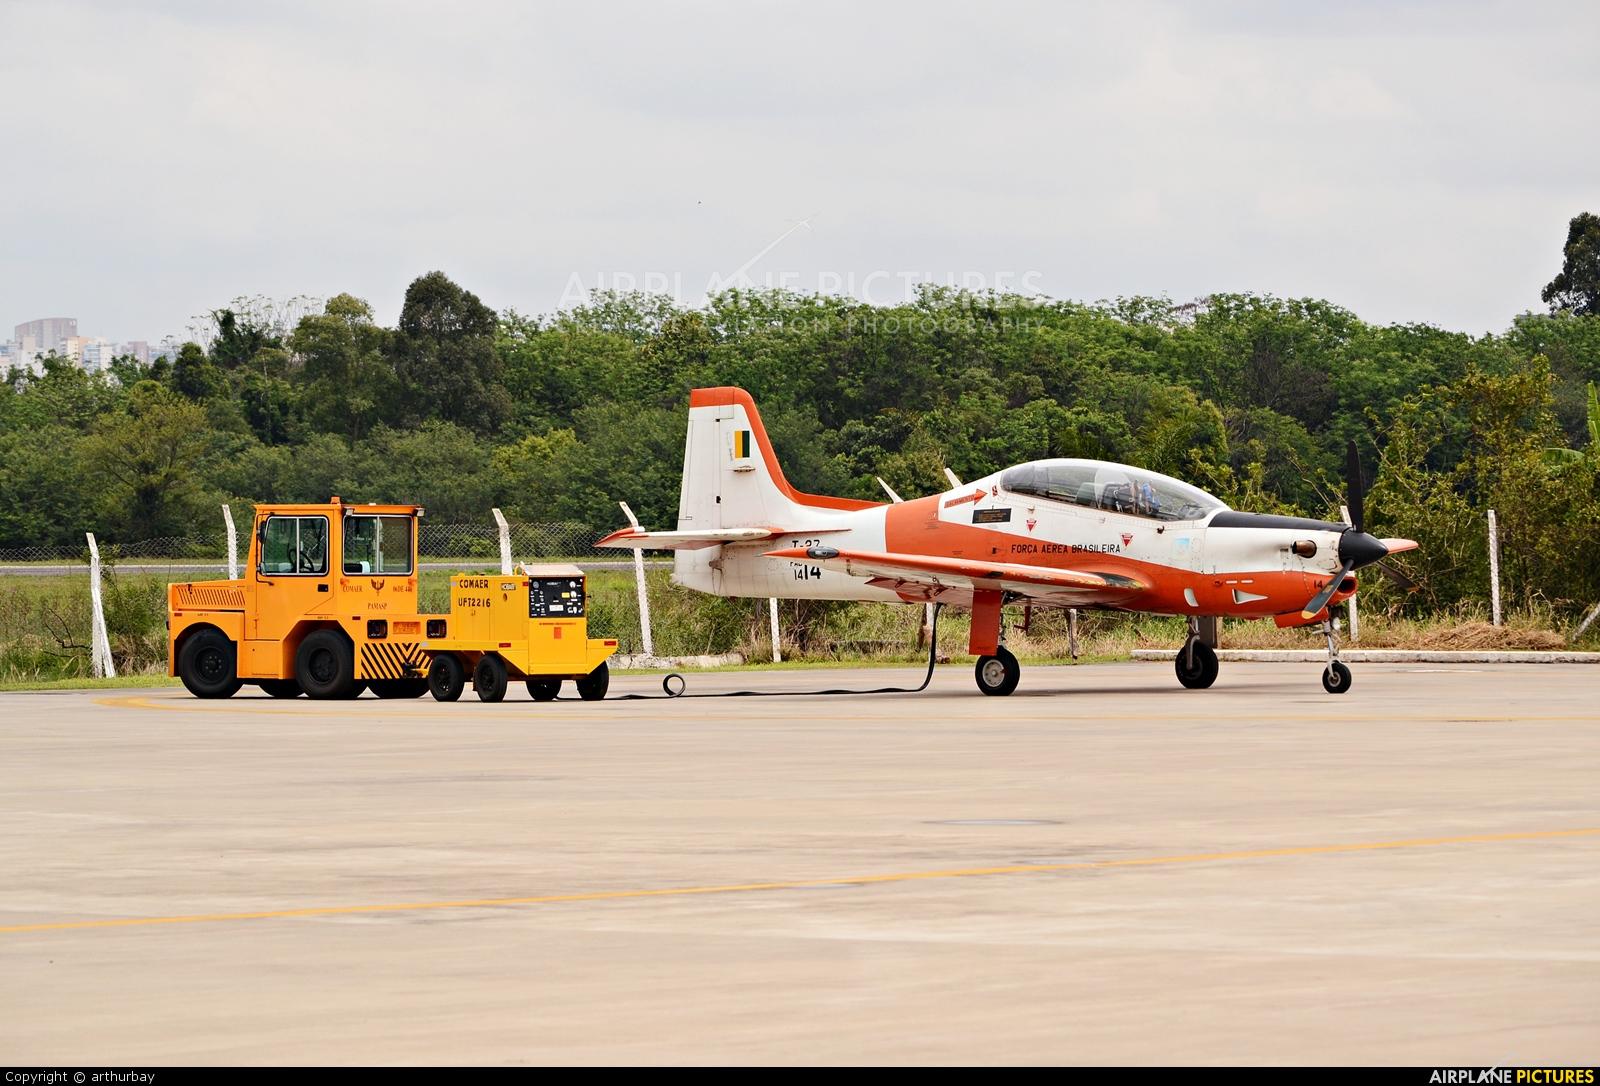 Brazil - Air Force 1414 aircraft at São Paulo - Campo de Marte